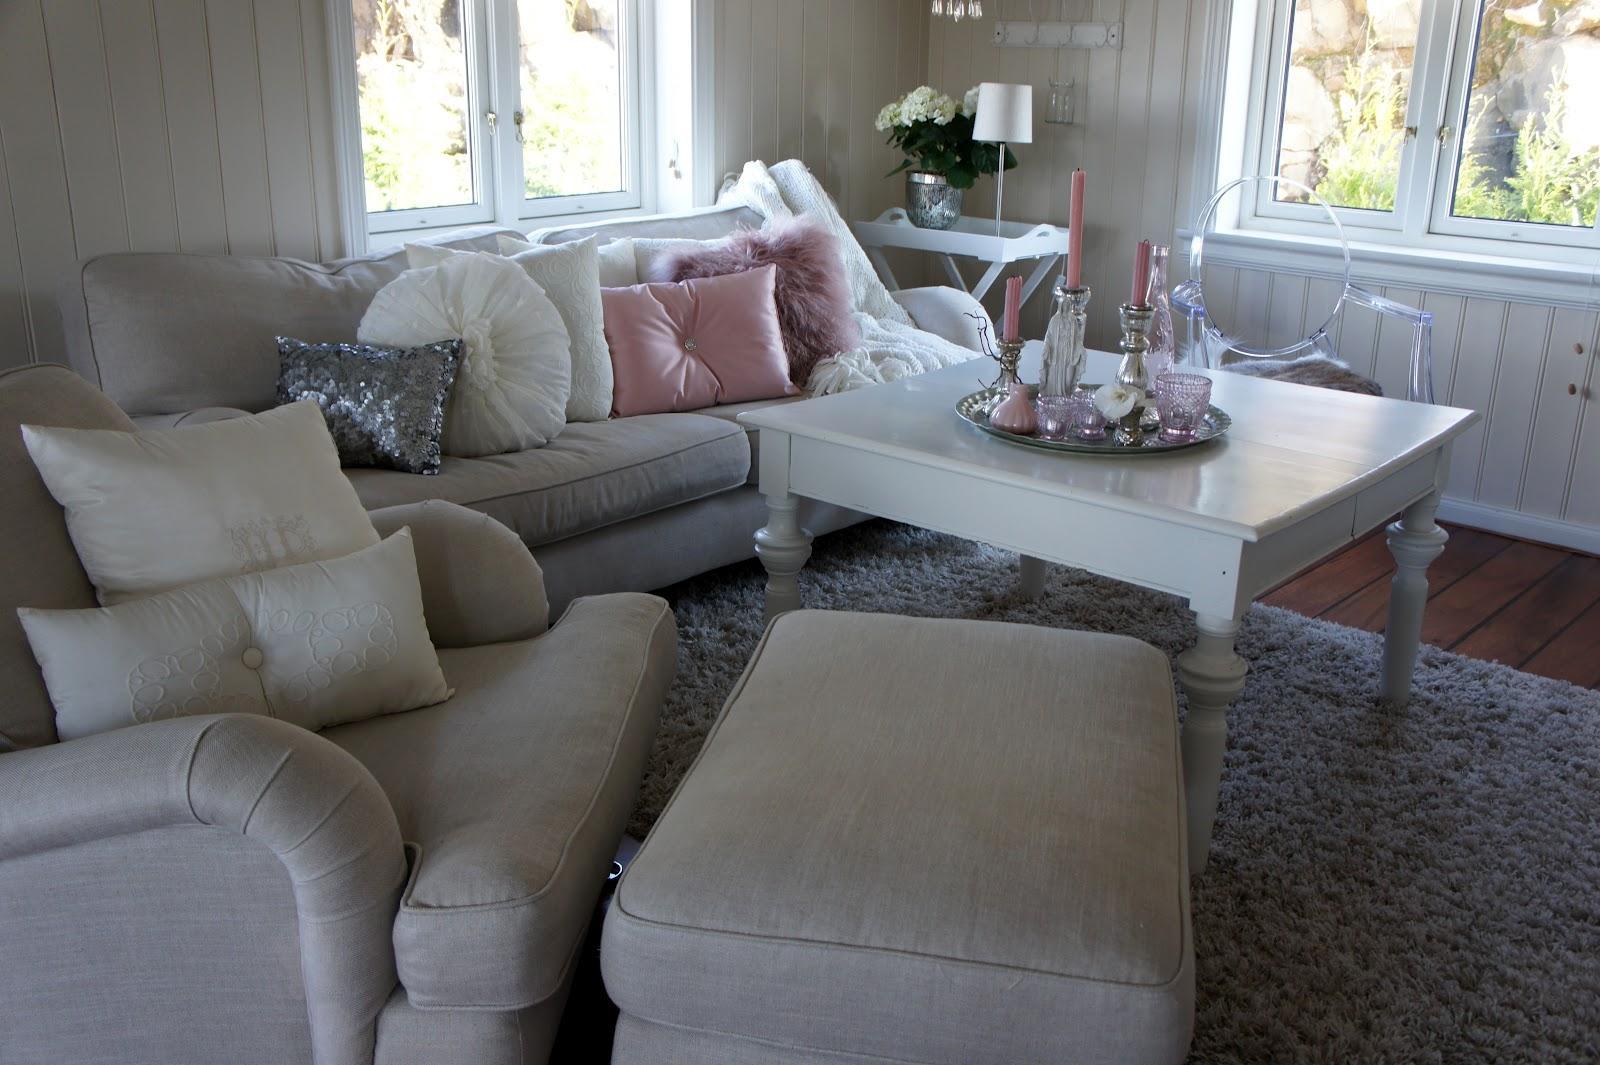 Romantika v interiéri spríjemní domov... - Obrázok č. 5